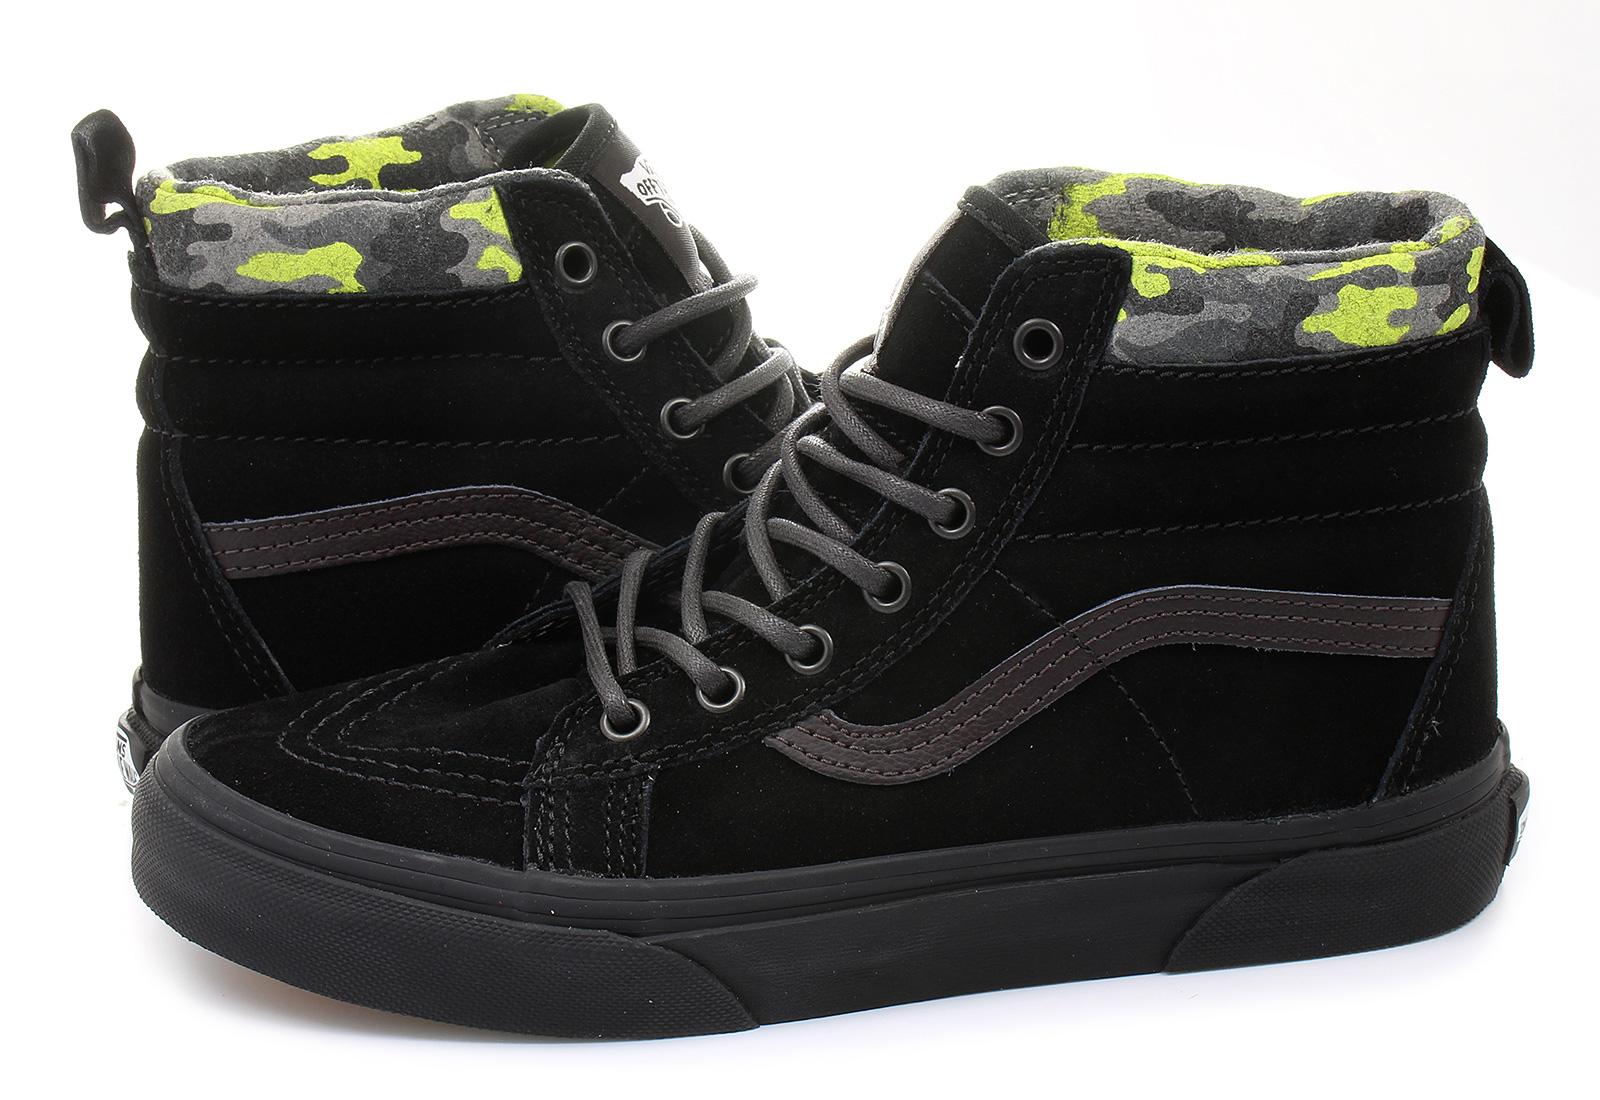 Vans Tenisi - Sk8-hi Mte K - VA2XSNK5L - Office Shoes Romania 2f0205e092